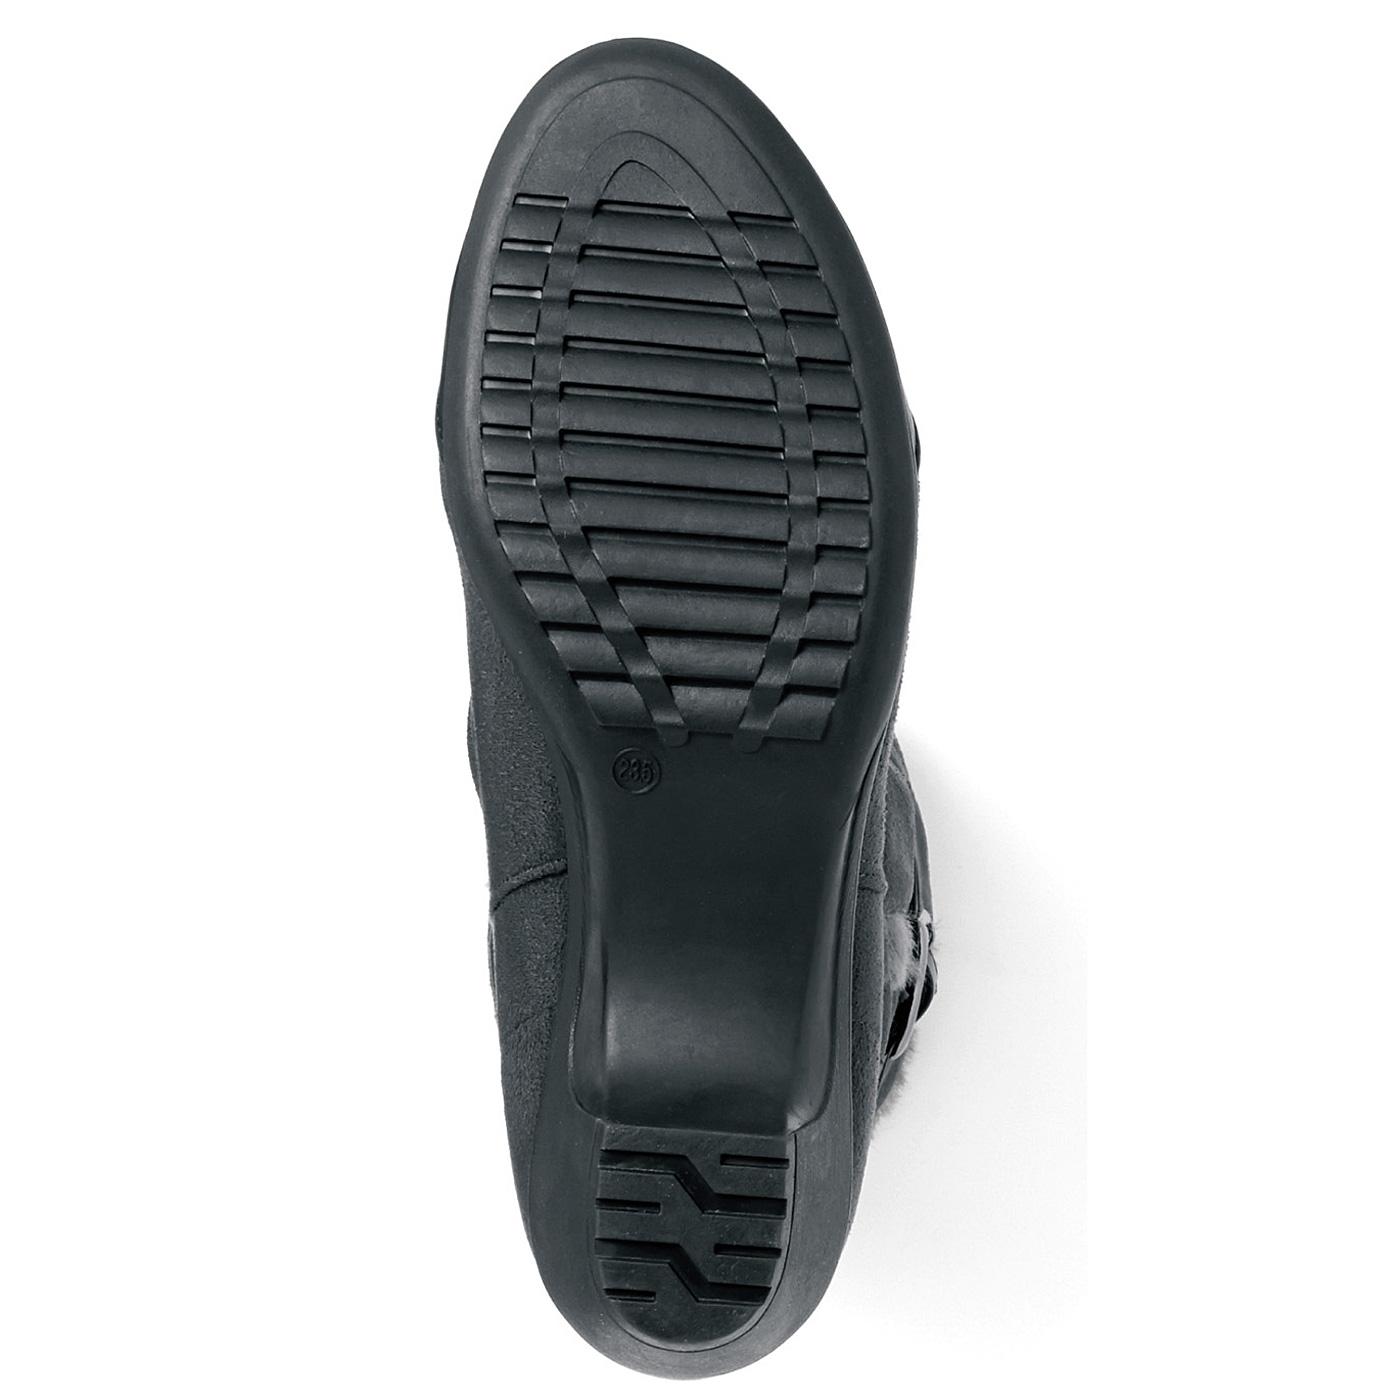 【ヒール一体のモールドソール】しなやかに曲がり、衝撃を受けにくいゴム素材で、走りたくなる履き心地。